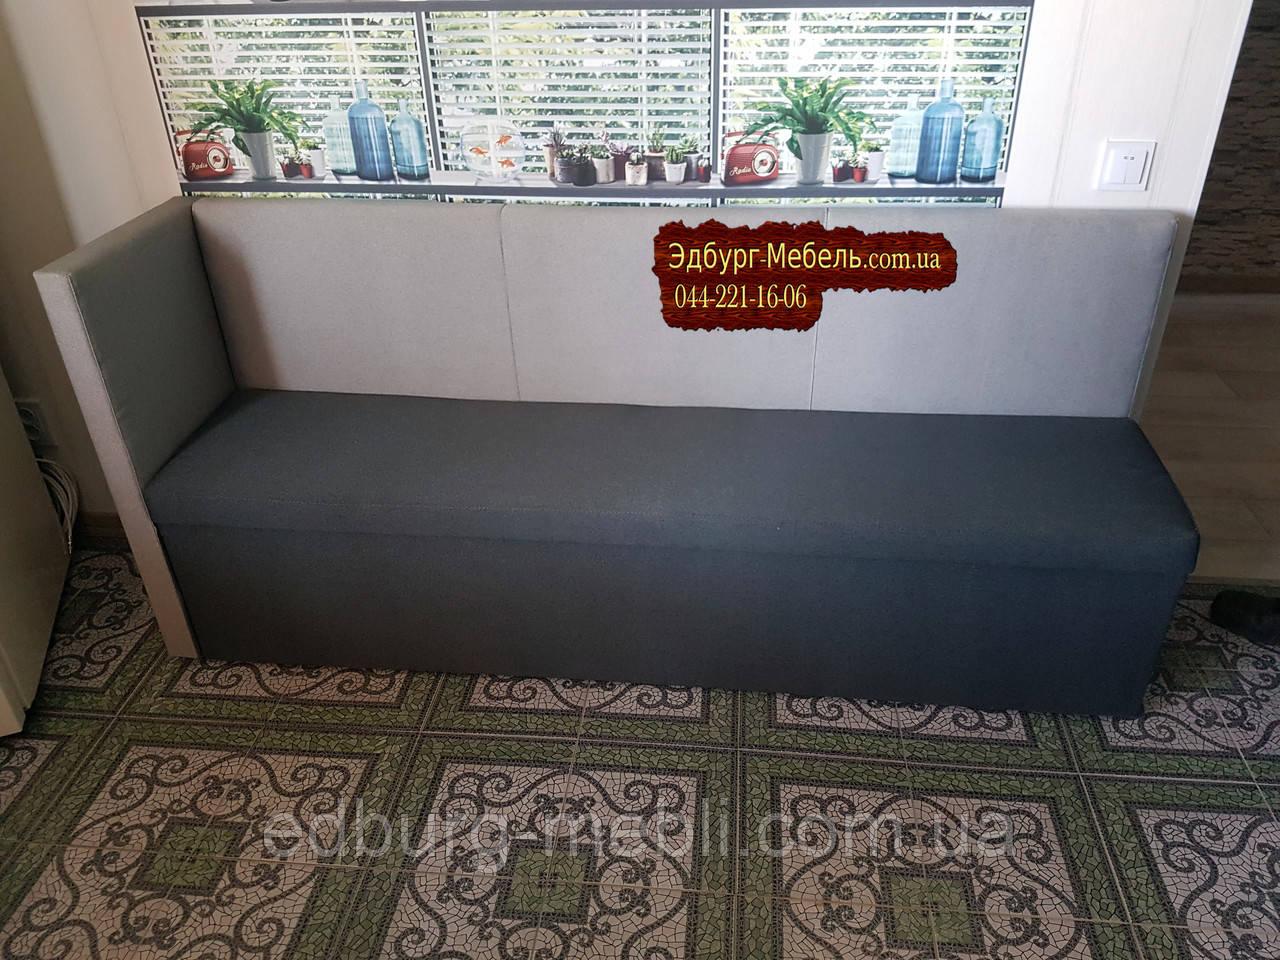 Диван для вузької кімнати з ящиком + спальним місцем + кутова спинка